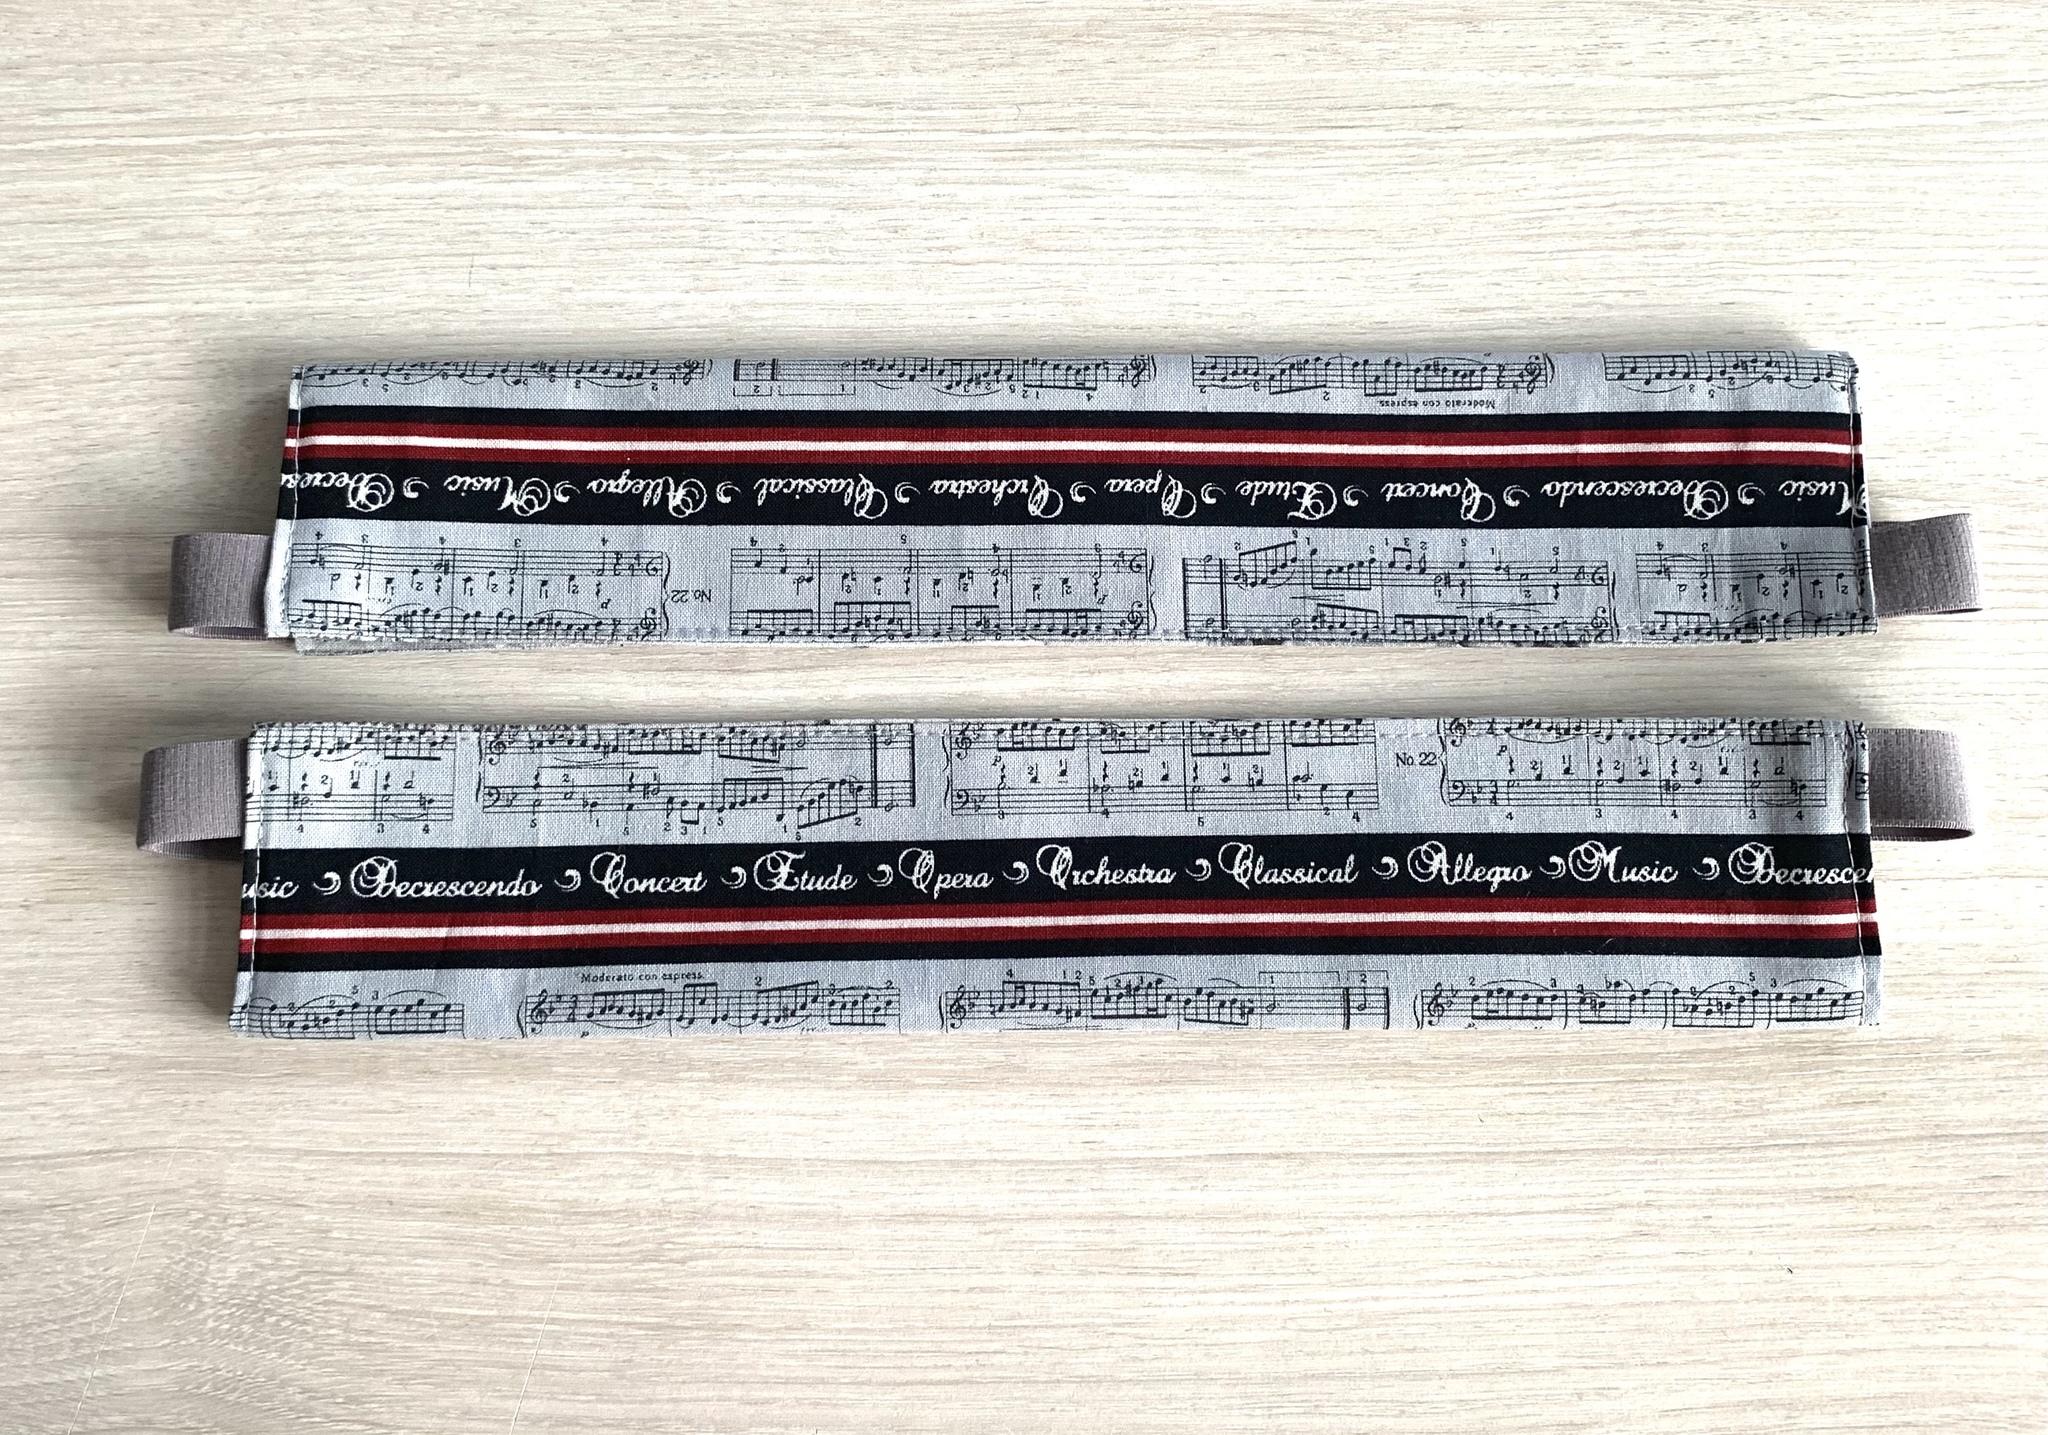 Аксессуары Защитные чехлы для рам 30 см 6F417E9B-2544-4312-8602-0D1FE477030F.jpeg